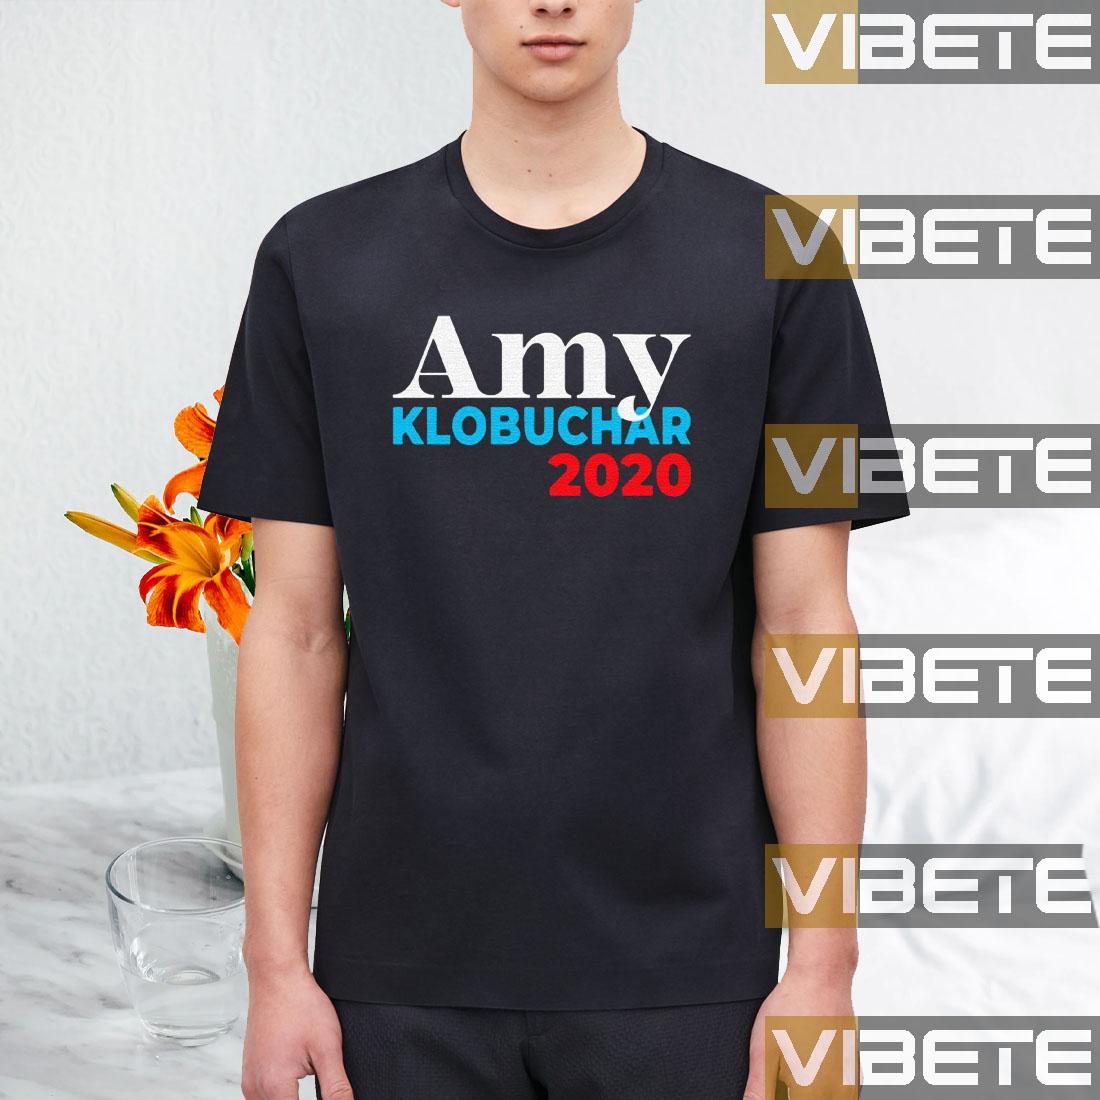 Amy Klobuchar for President 2020 T-Shirt